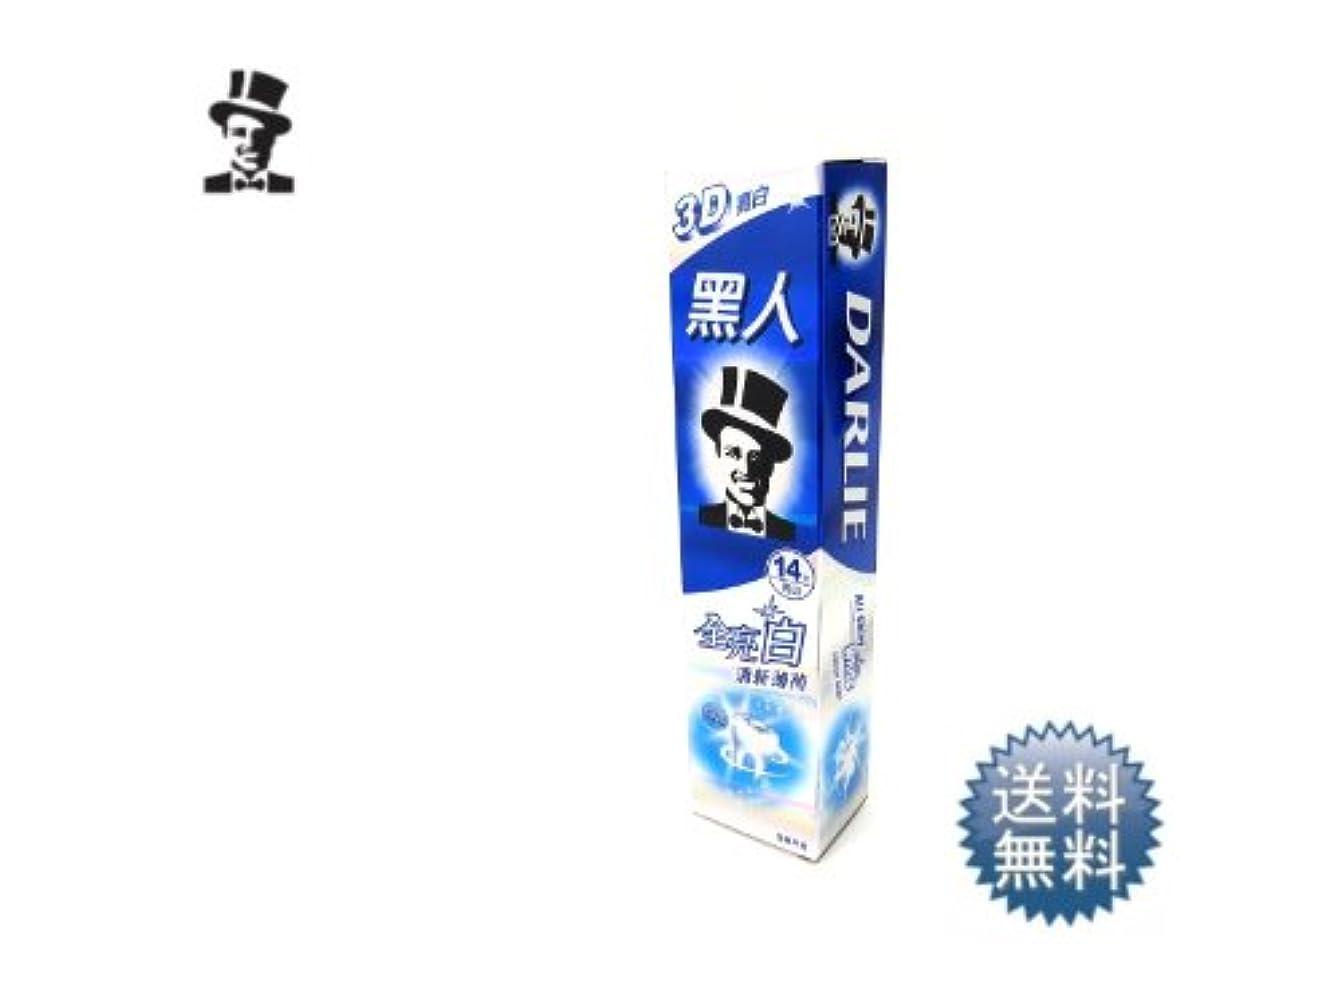 かわすエンディング帆台湾 黒人 歯磨き粉 全亮白 清新薄荷 140g